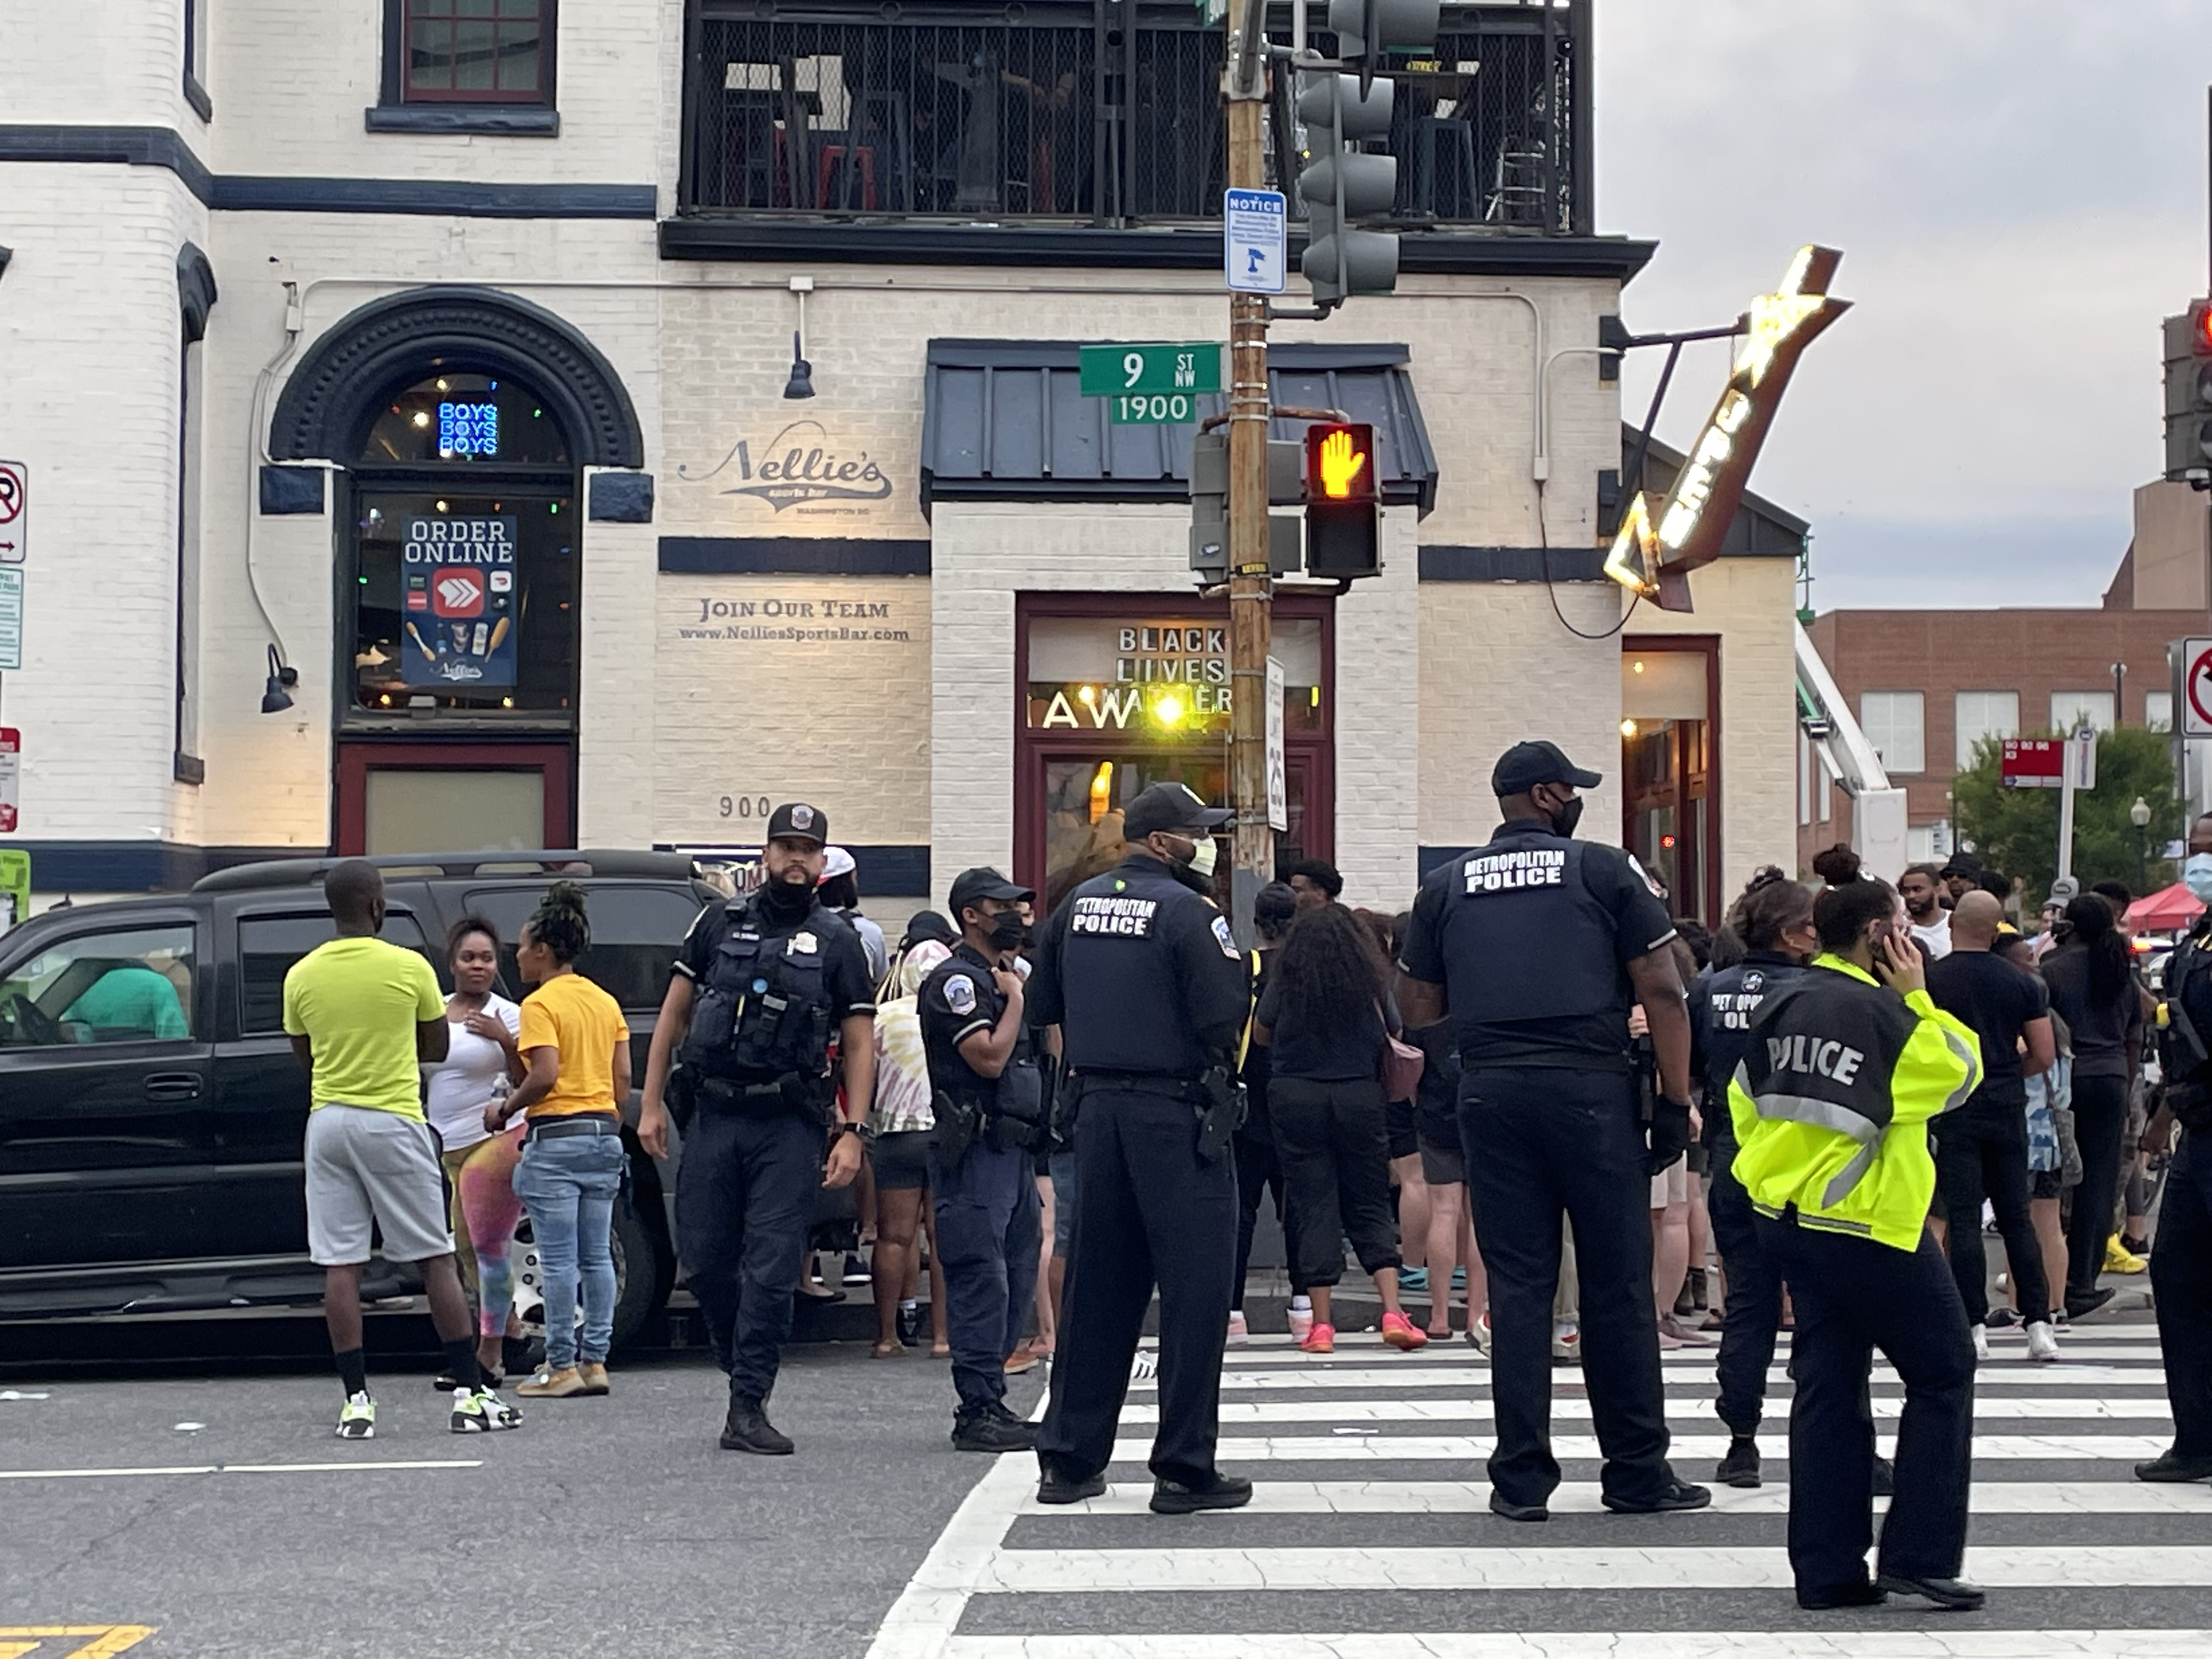 奈莉体育酒吧外的抗议者,从街对面可以看到